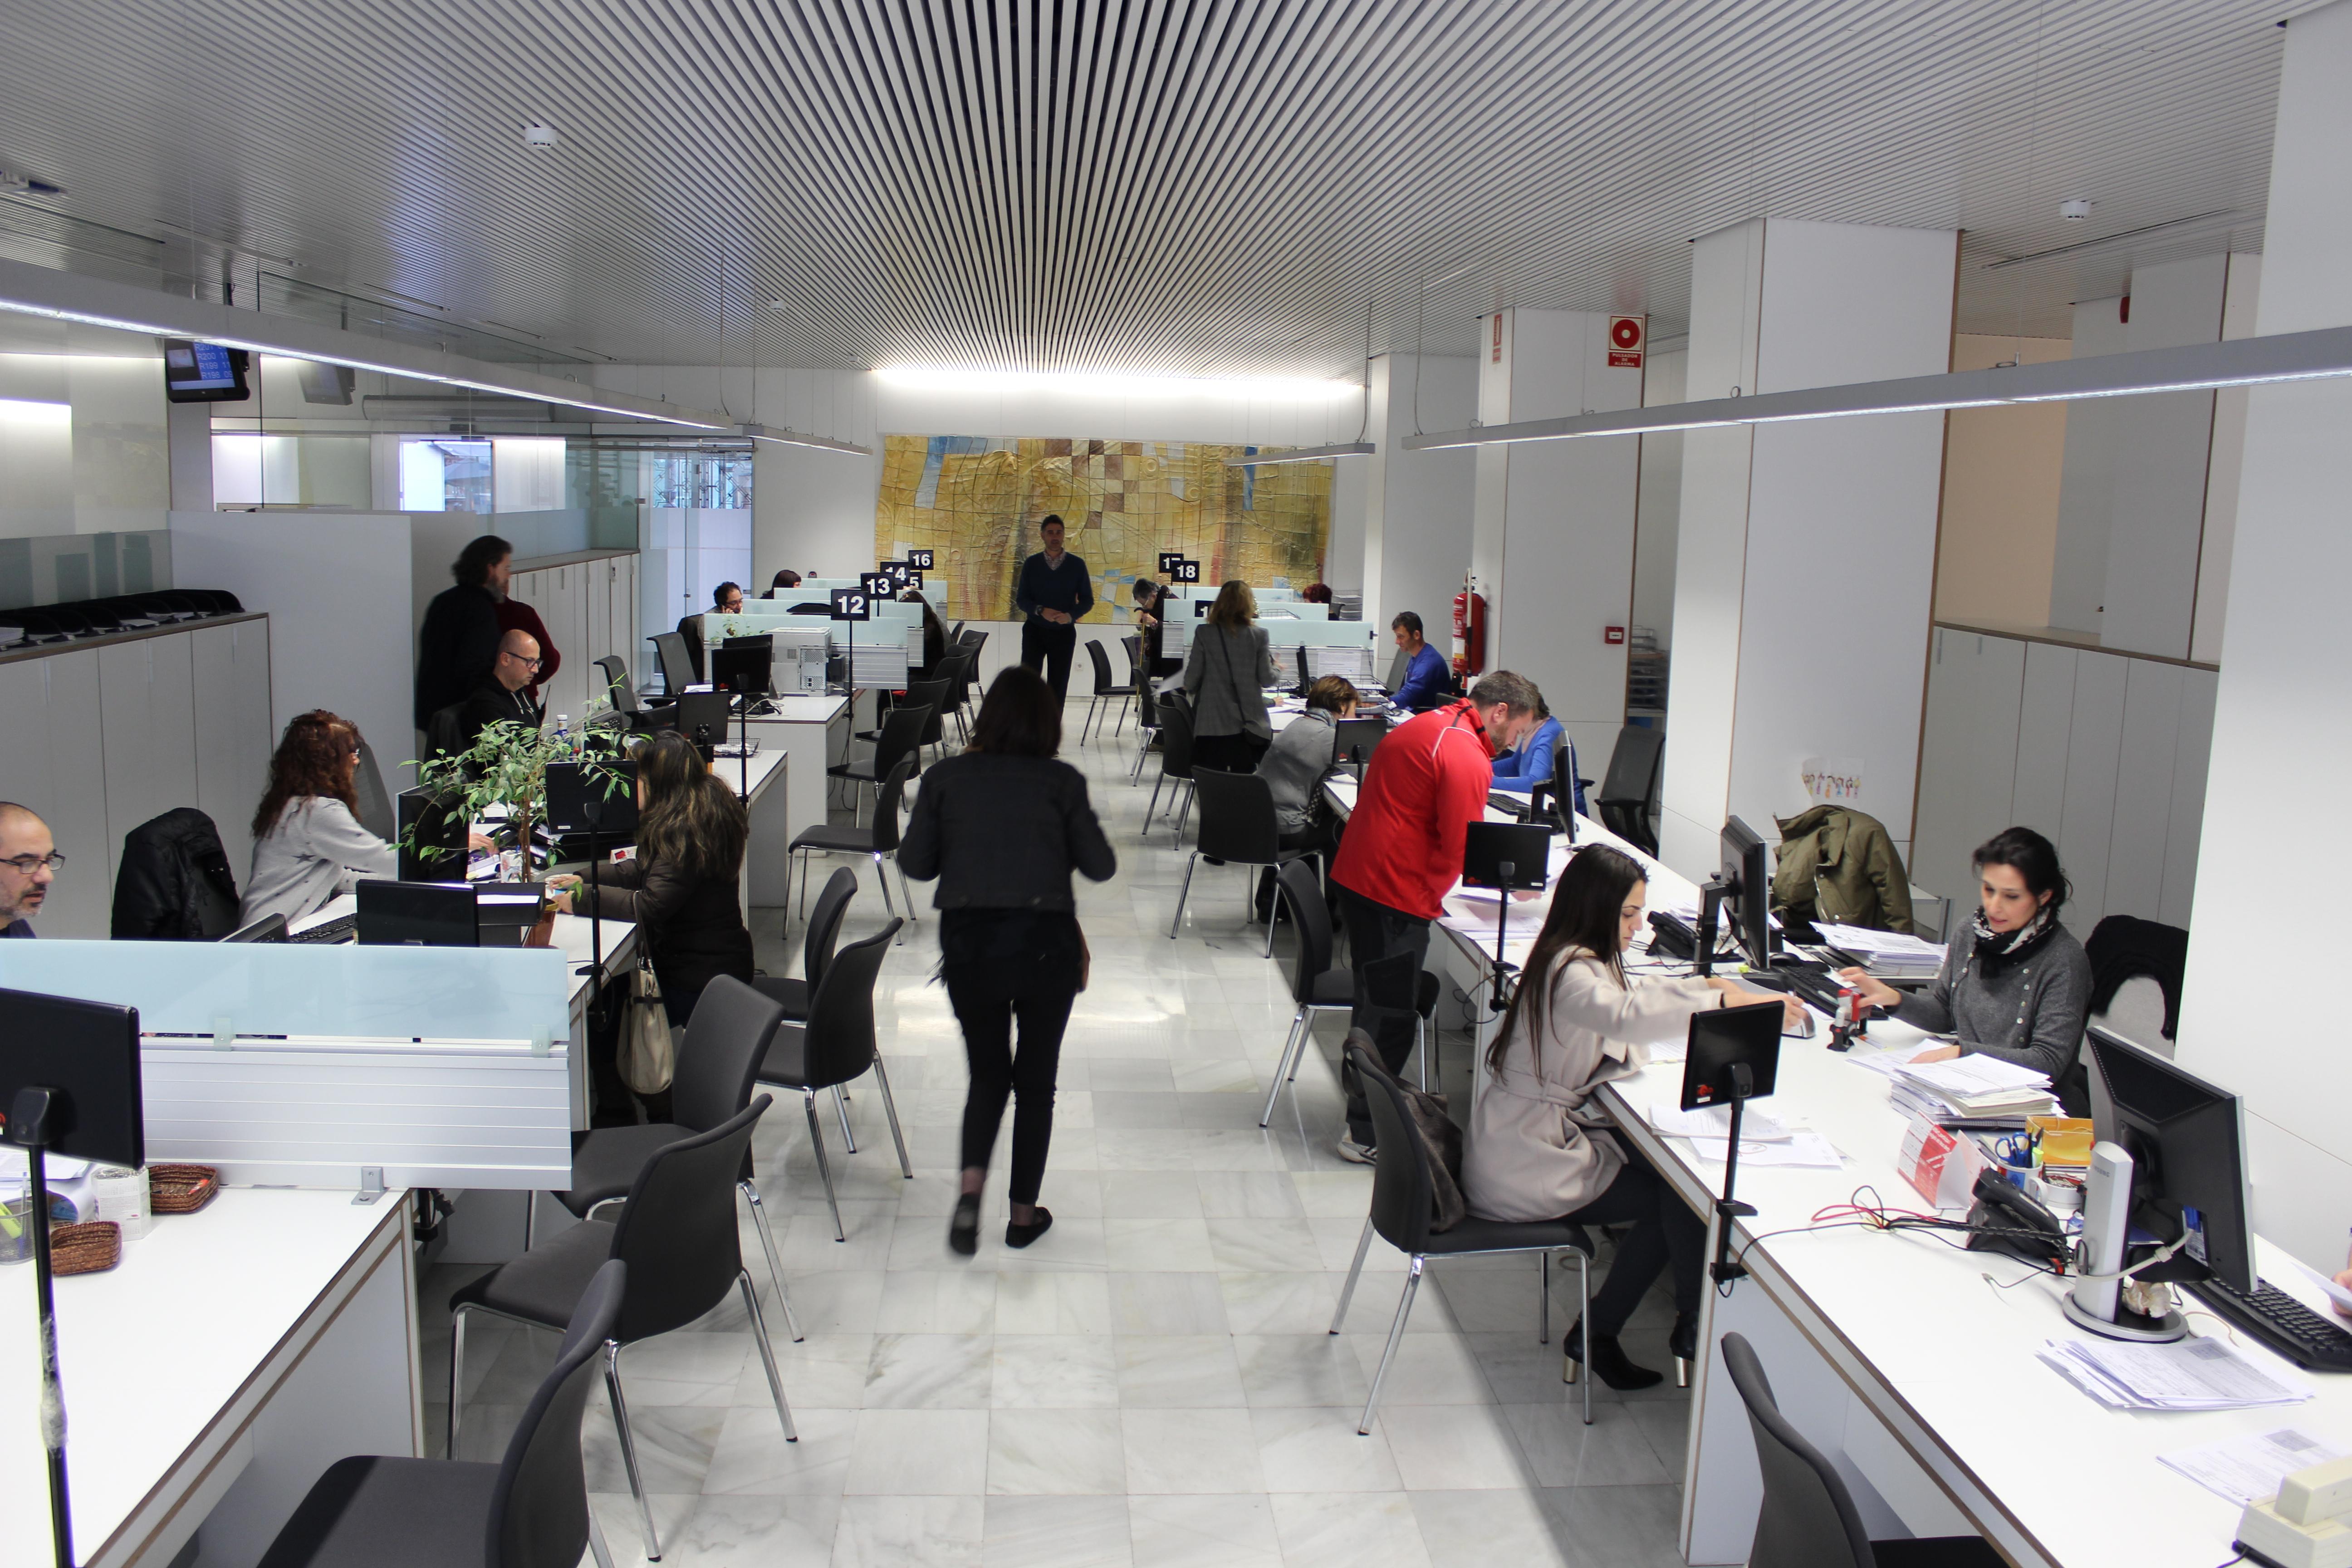 Los servicios de atención a la ciudadanía de la Generalitat gestionan cerca de 23 millones de consultas durante 2019